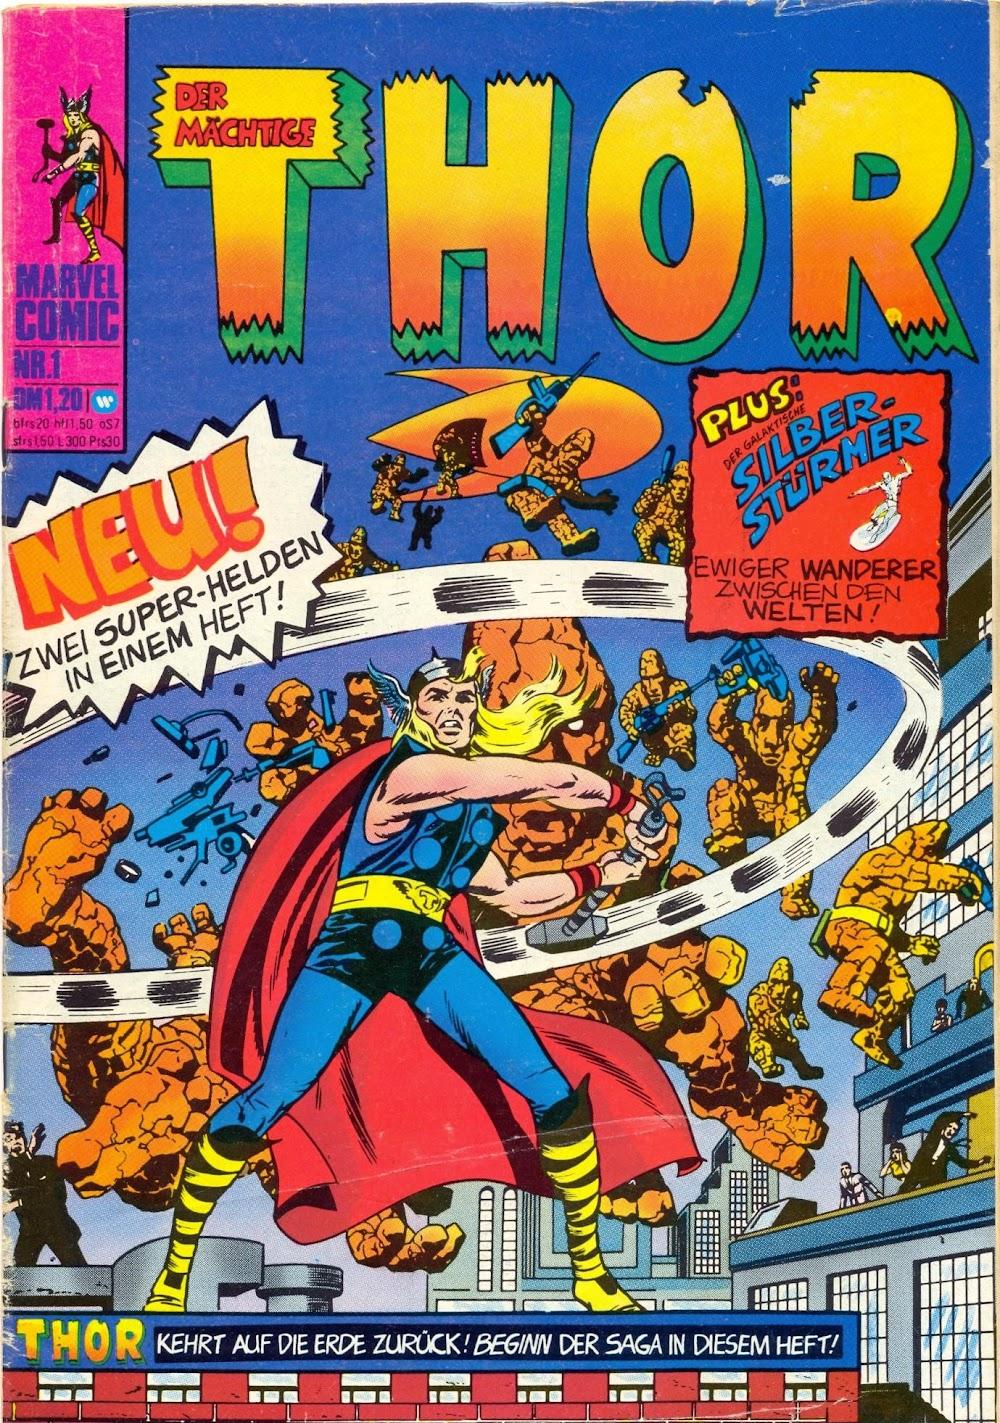 Der mächtige Thor (1974)